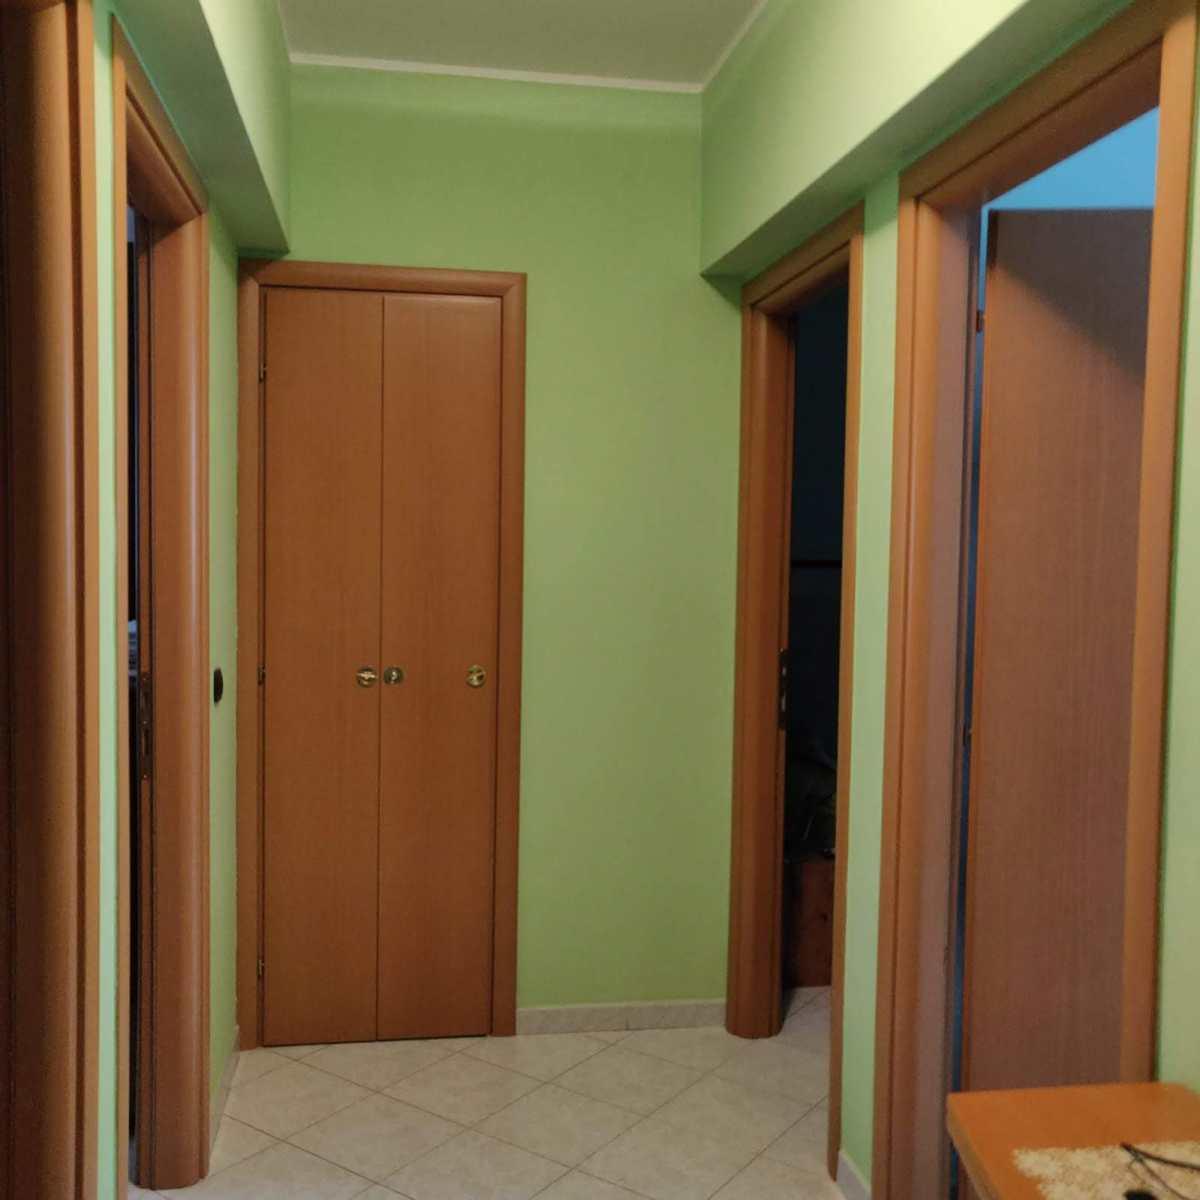 appartamento-in-vendita-milano-quartiere-olmi-milano-baggio-spaziourbano-immobiliare-vende-16